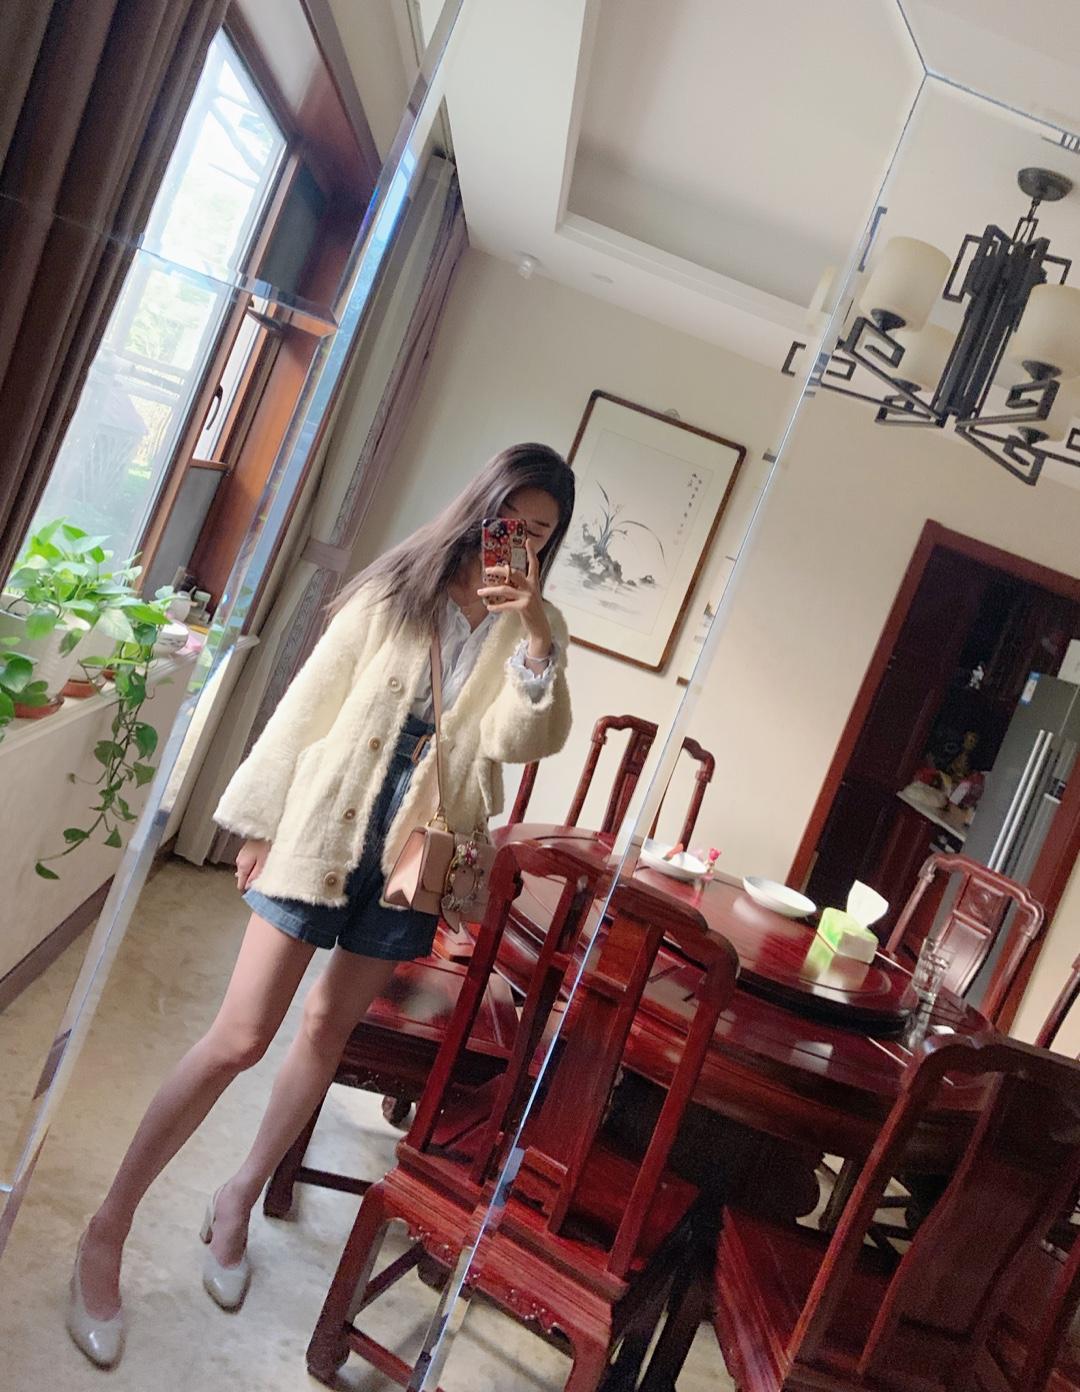 #学生一枚# 超温柔的一身搭配! 米色针织外套配同色系也是编制面的鞋子 和粉色的包包超配的! 低跟鞋露脚面也超显腿长哦